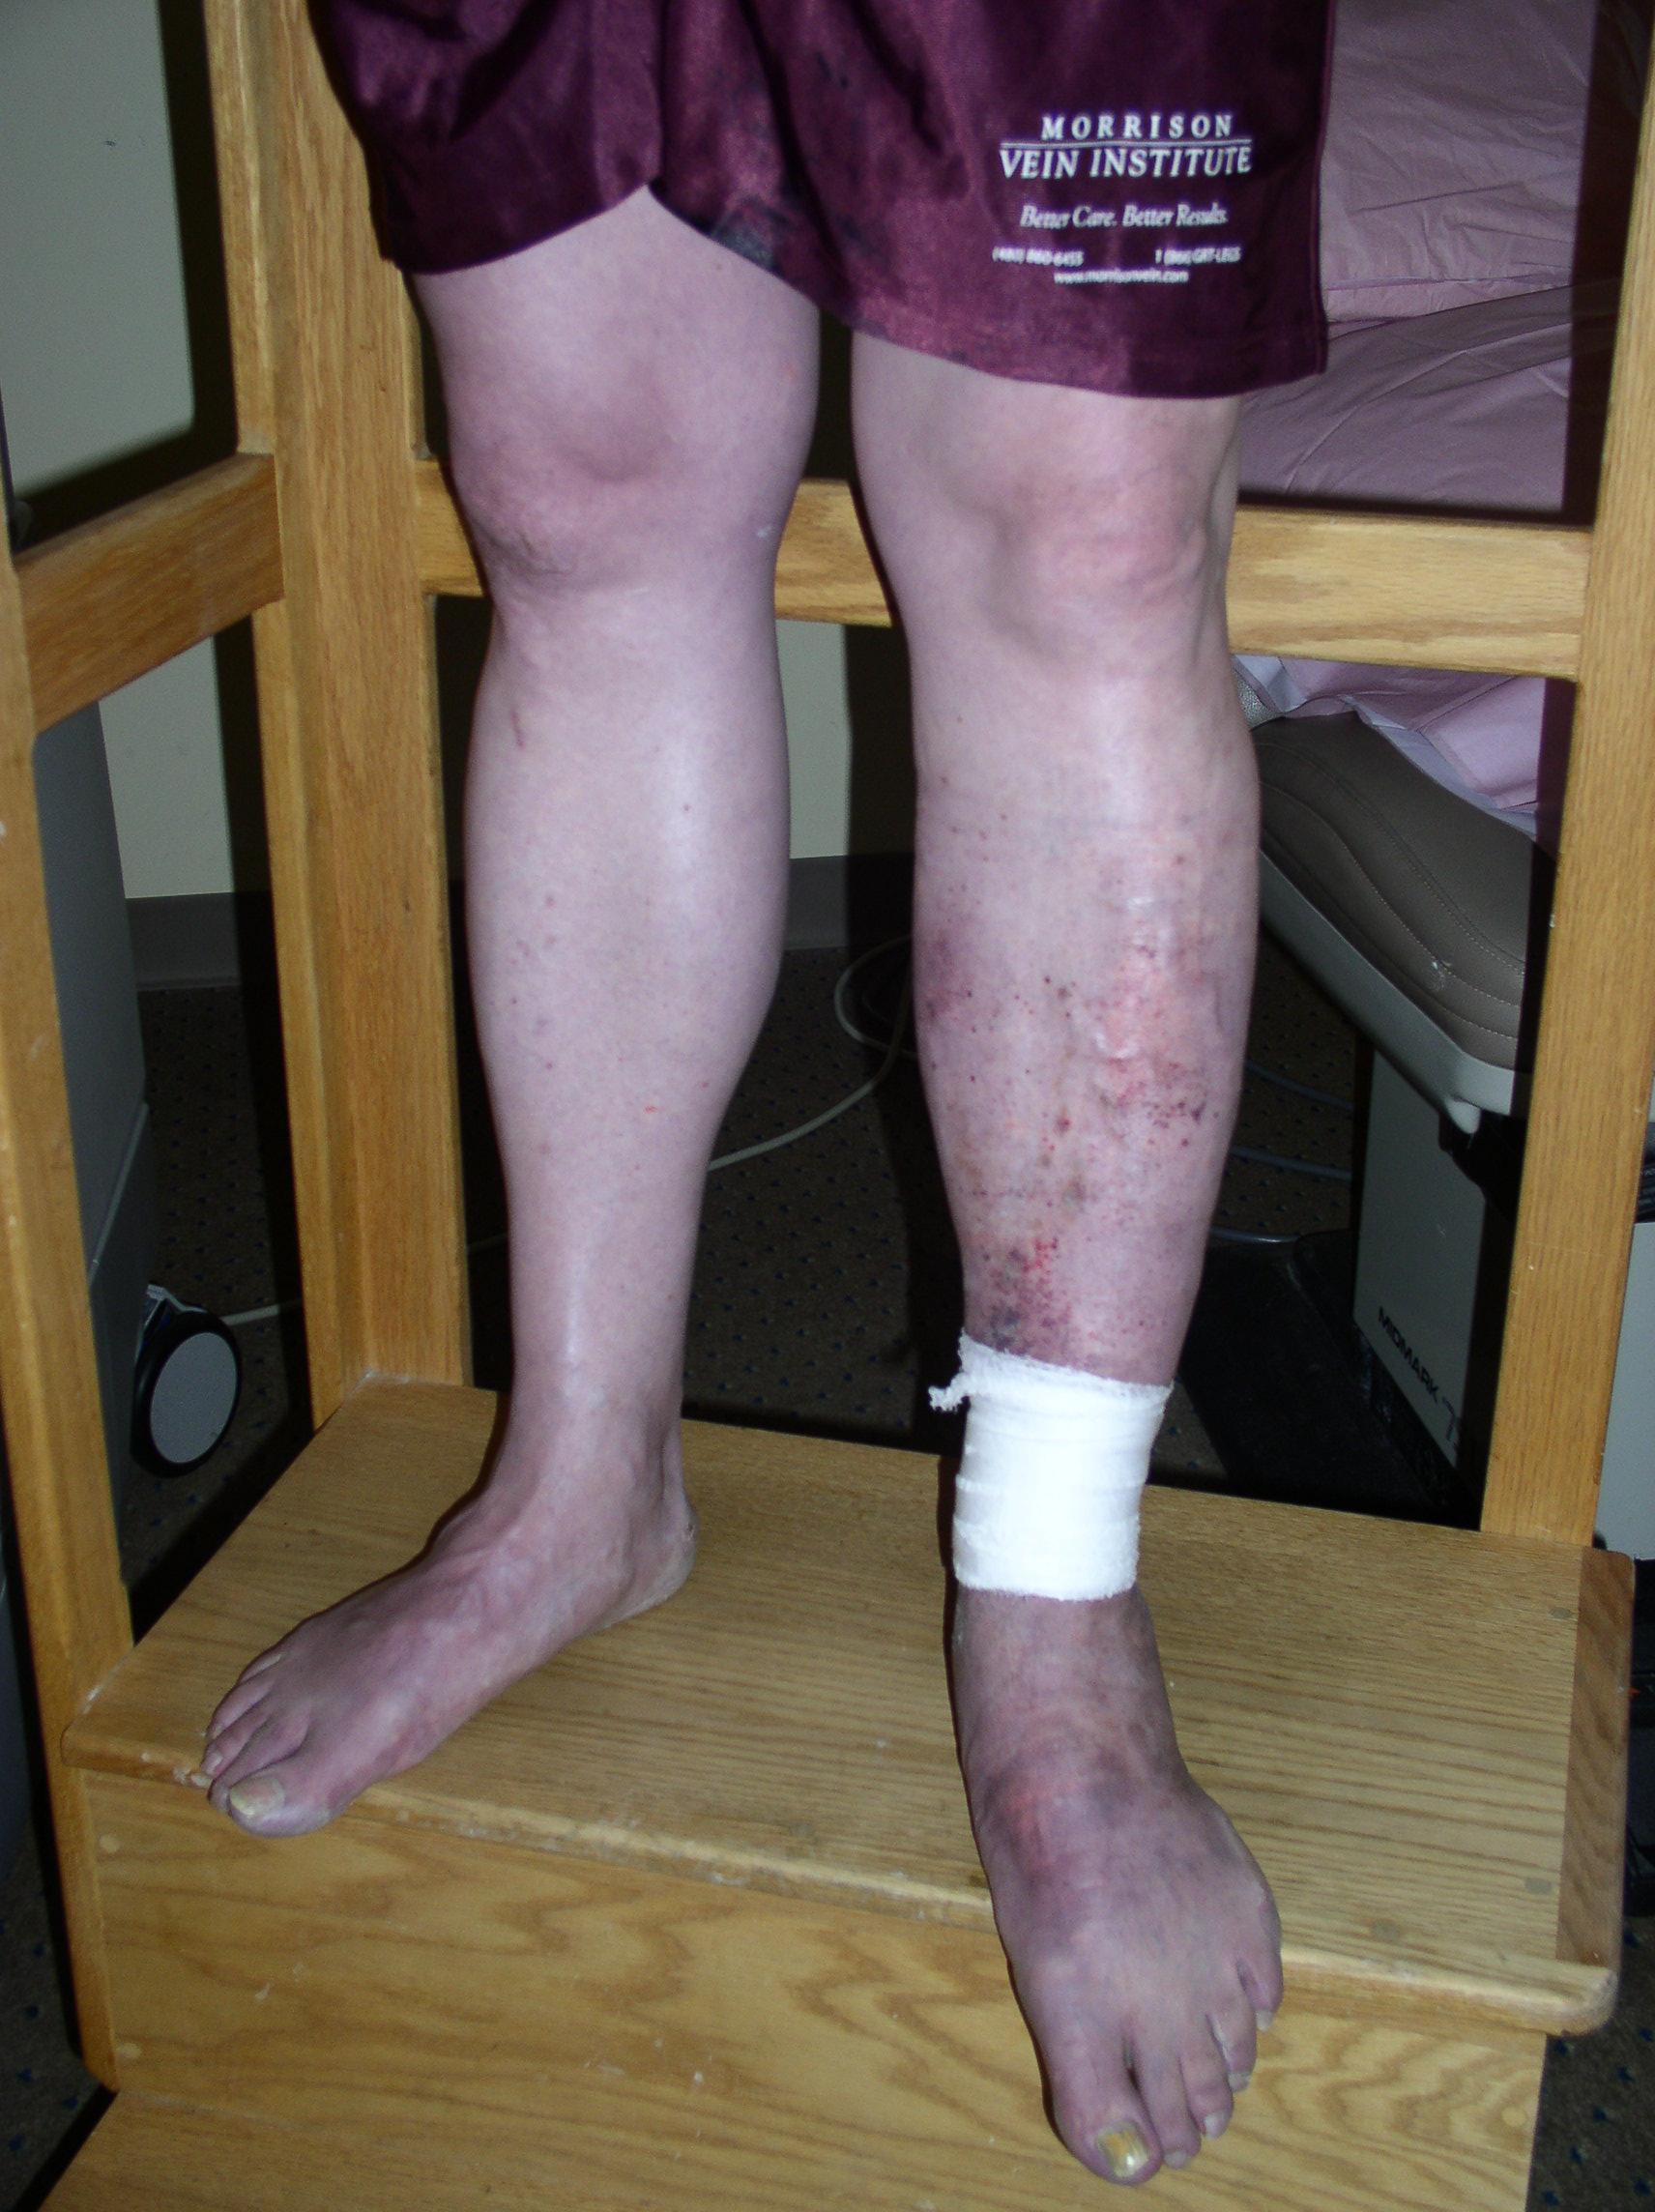 leg wounds #9